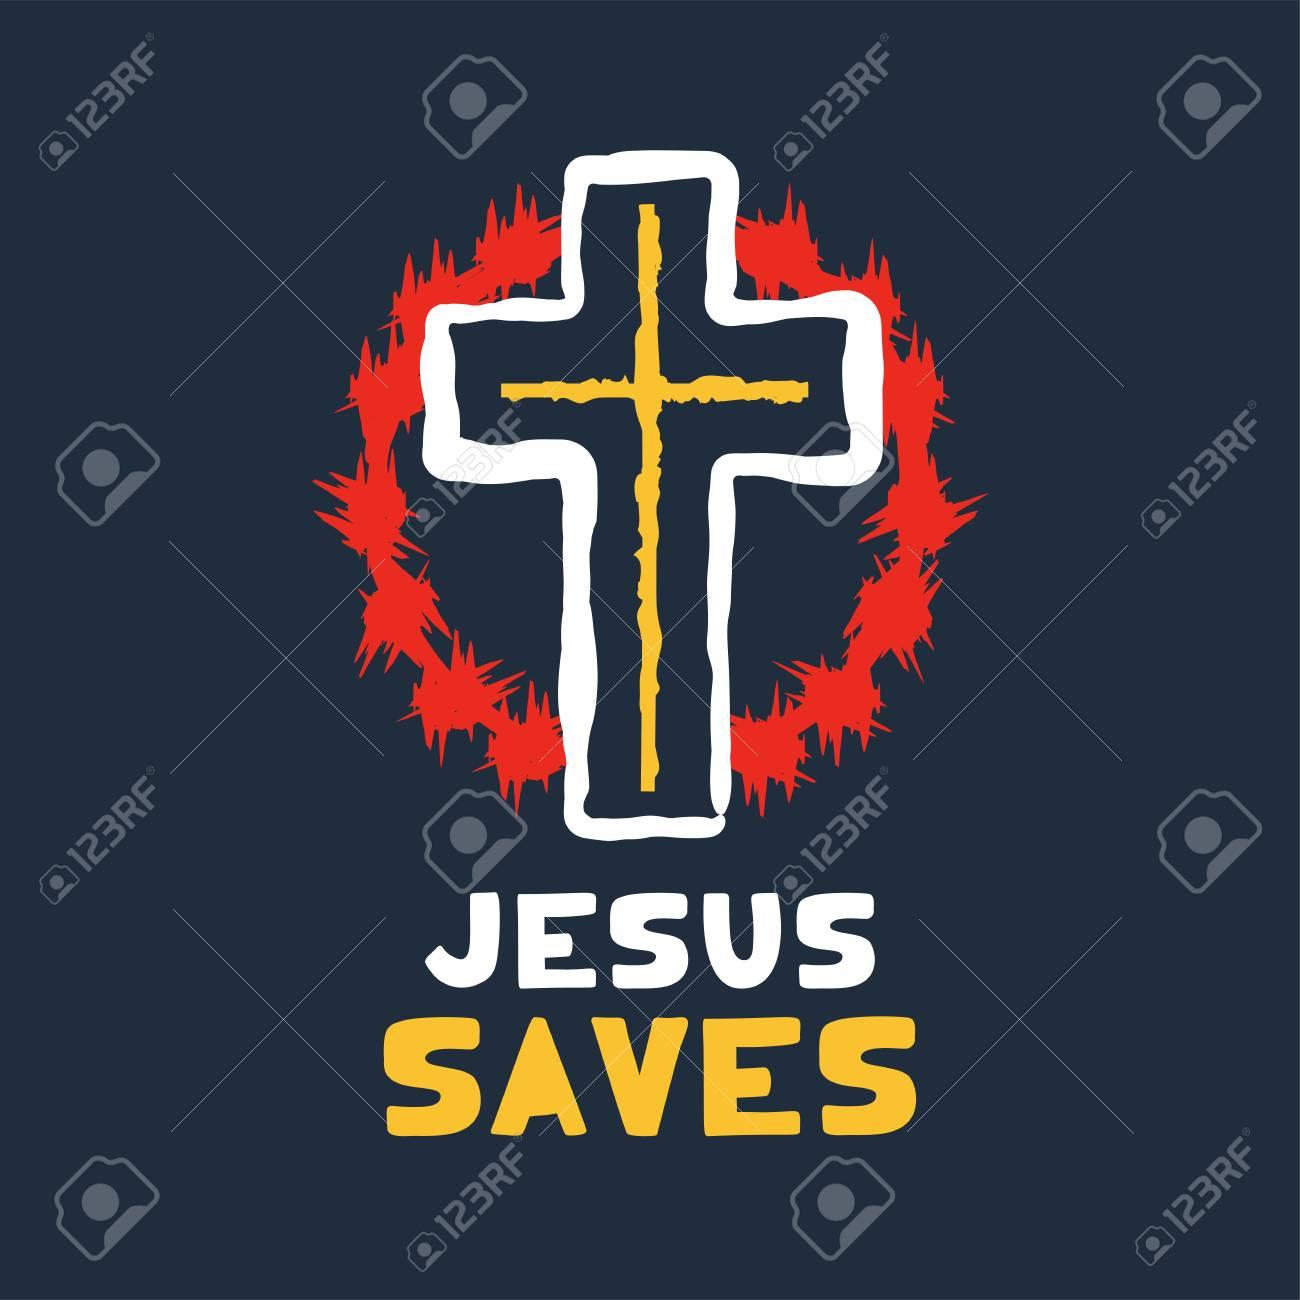 Jesus saves religious lettering brush illustration art design for Christian Bible church t-shirt, print, postcard. - 126057719